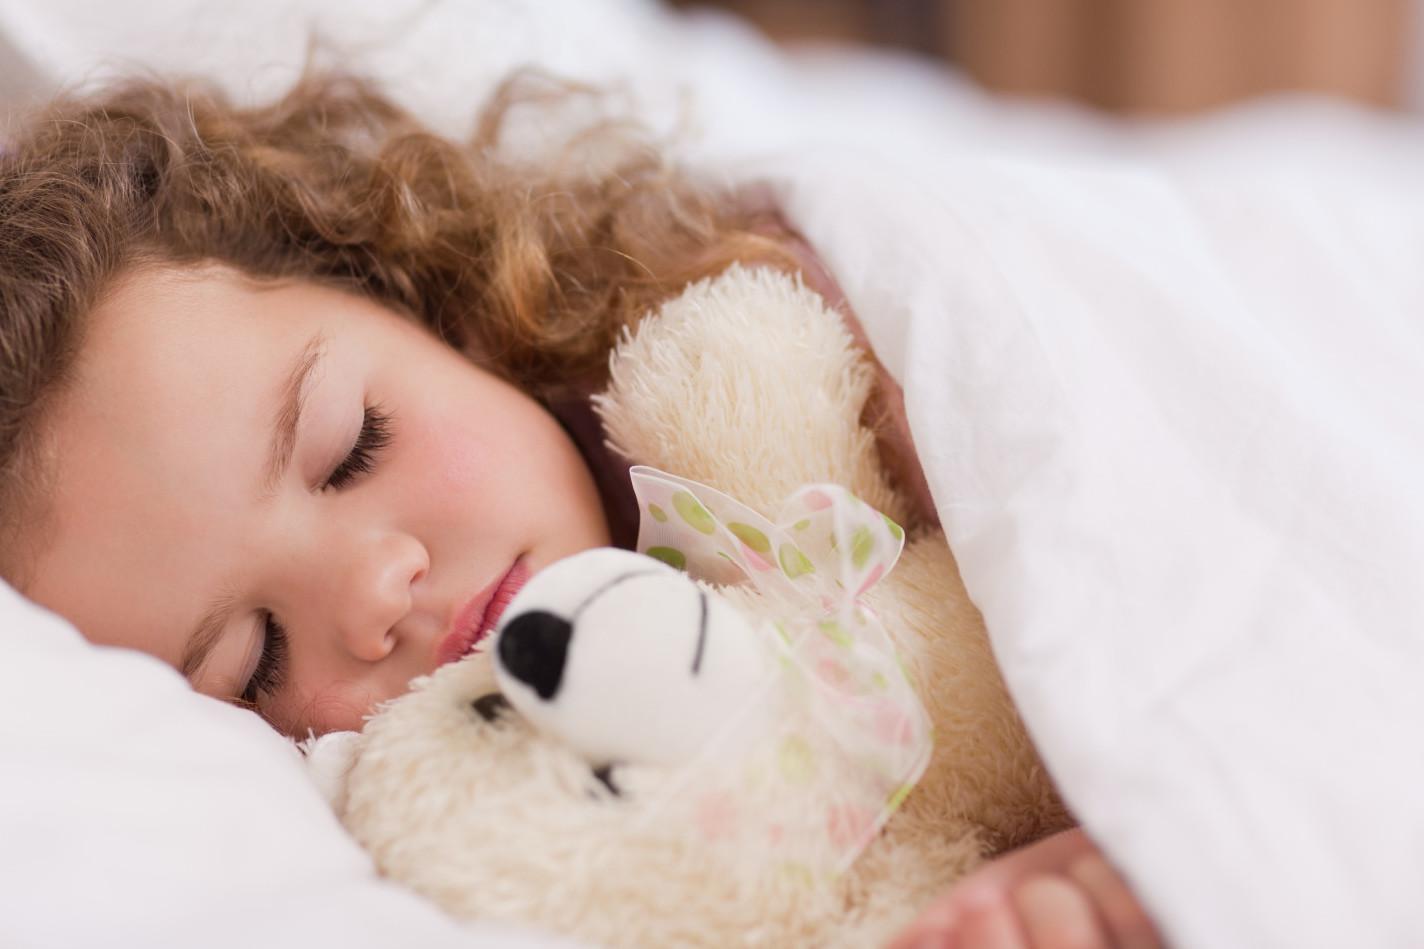 夏日炎炎正好眠,给孩子一个夏夜好睡眠!